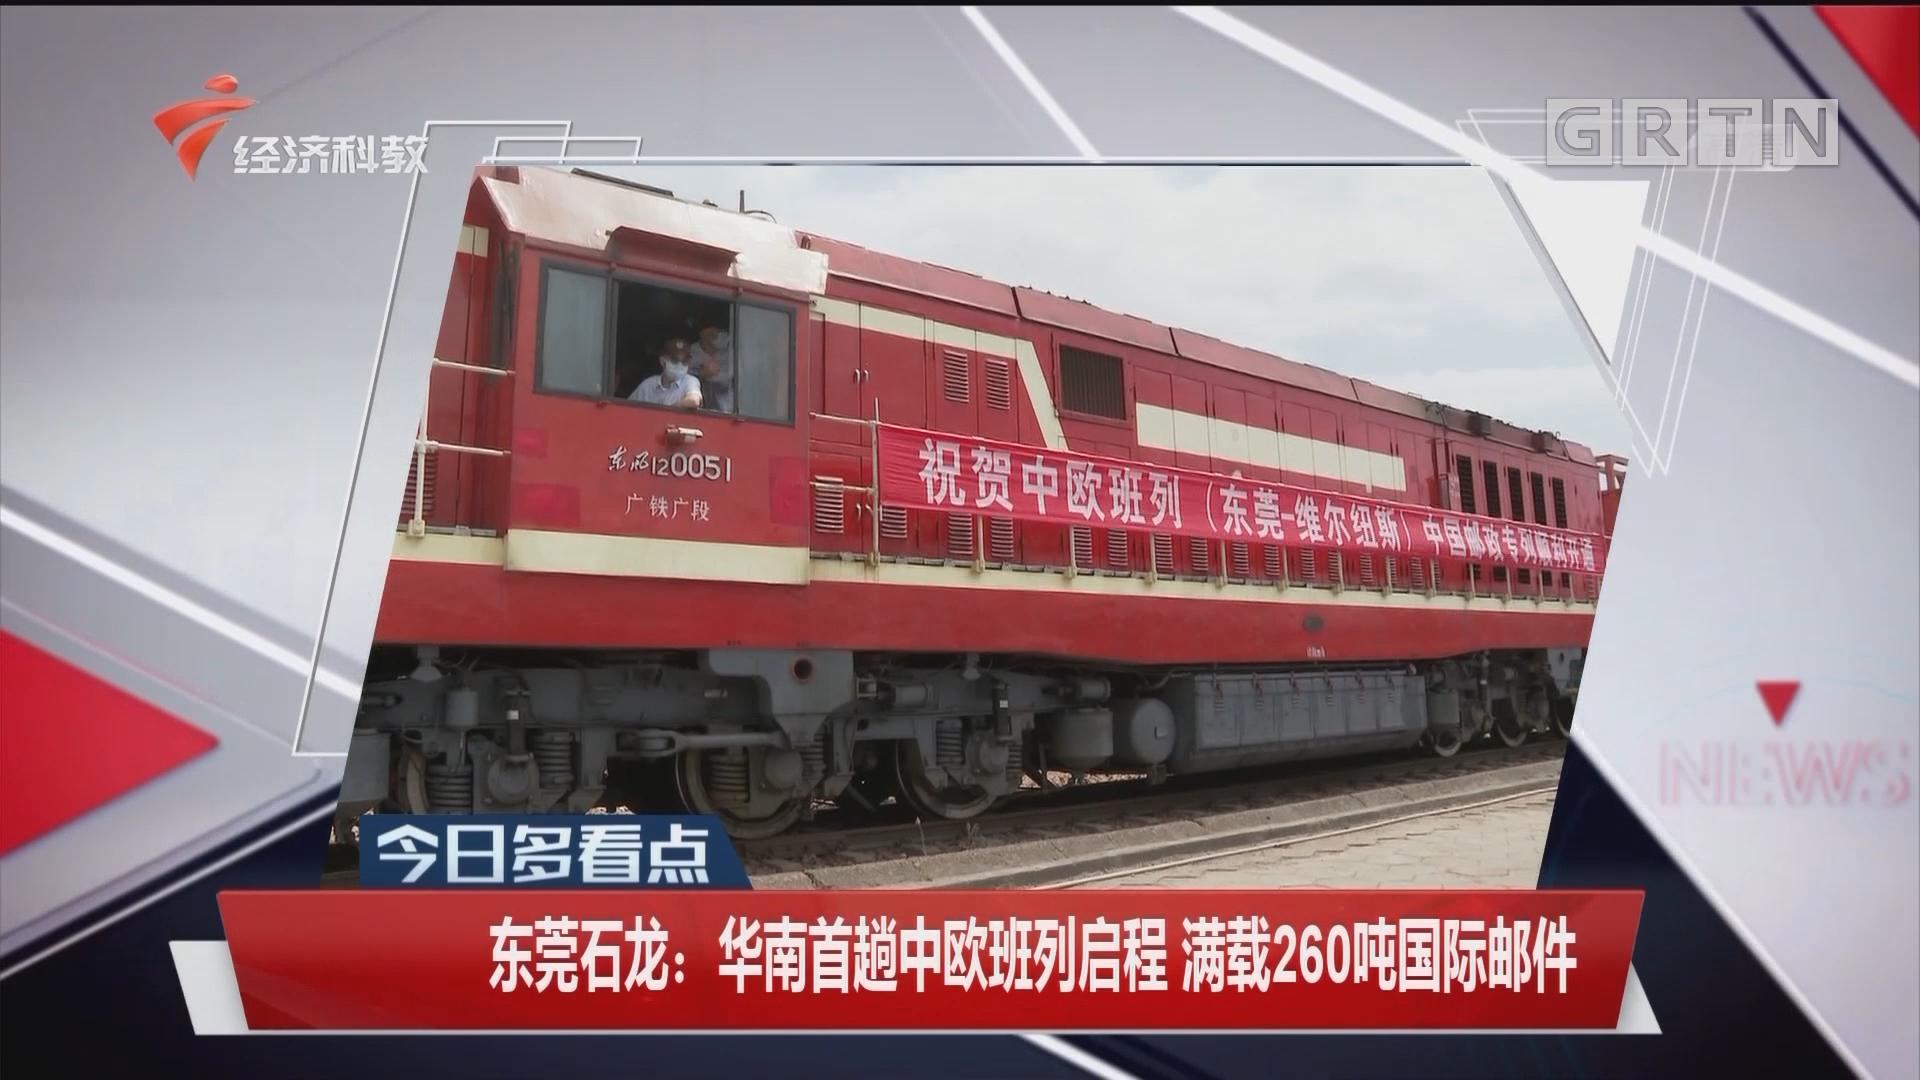 東莞石龍:華南首趟中歐班列啟程 滿載260噸國際郵件